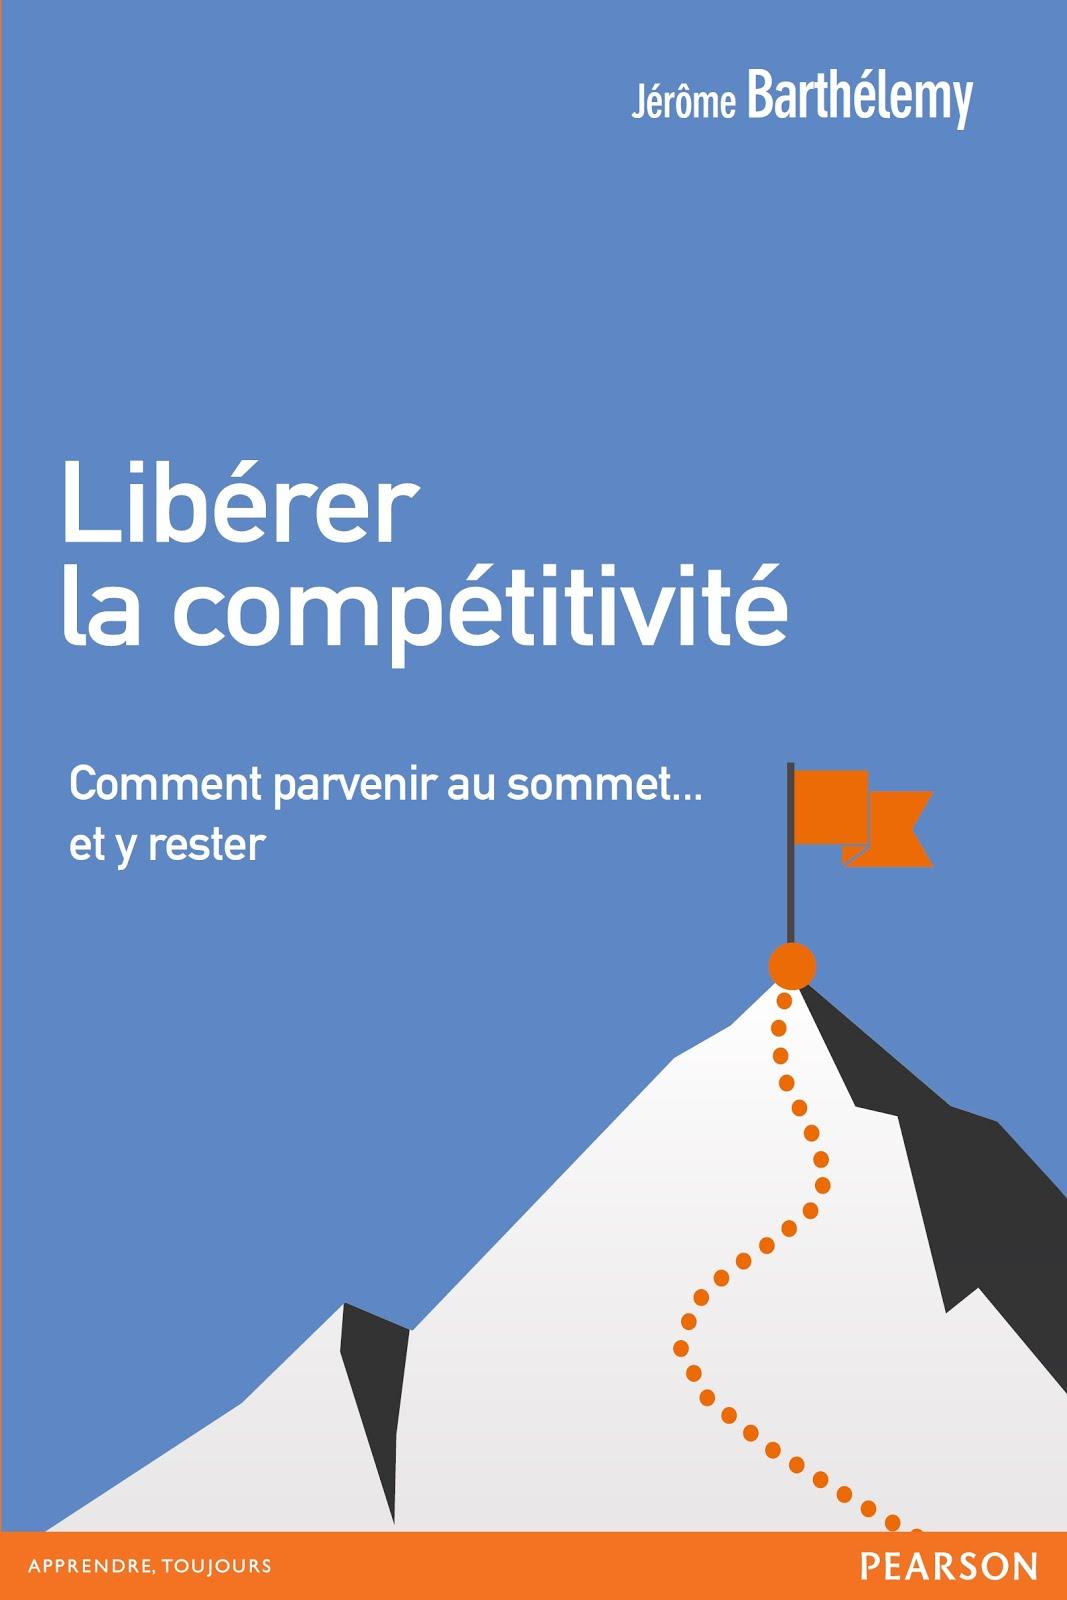 Libérer la compétititivité a obtenu le prix FNEGE - EFMD du meilleur livre de management en 2017